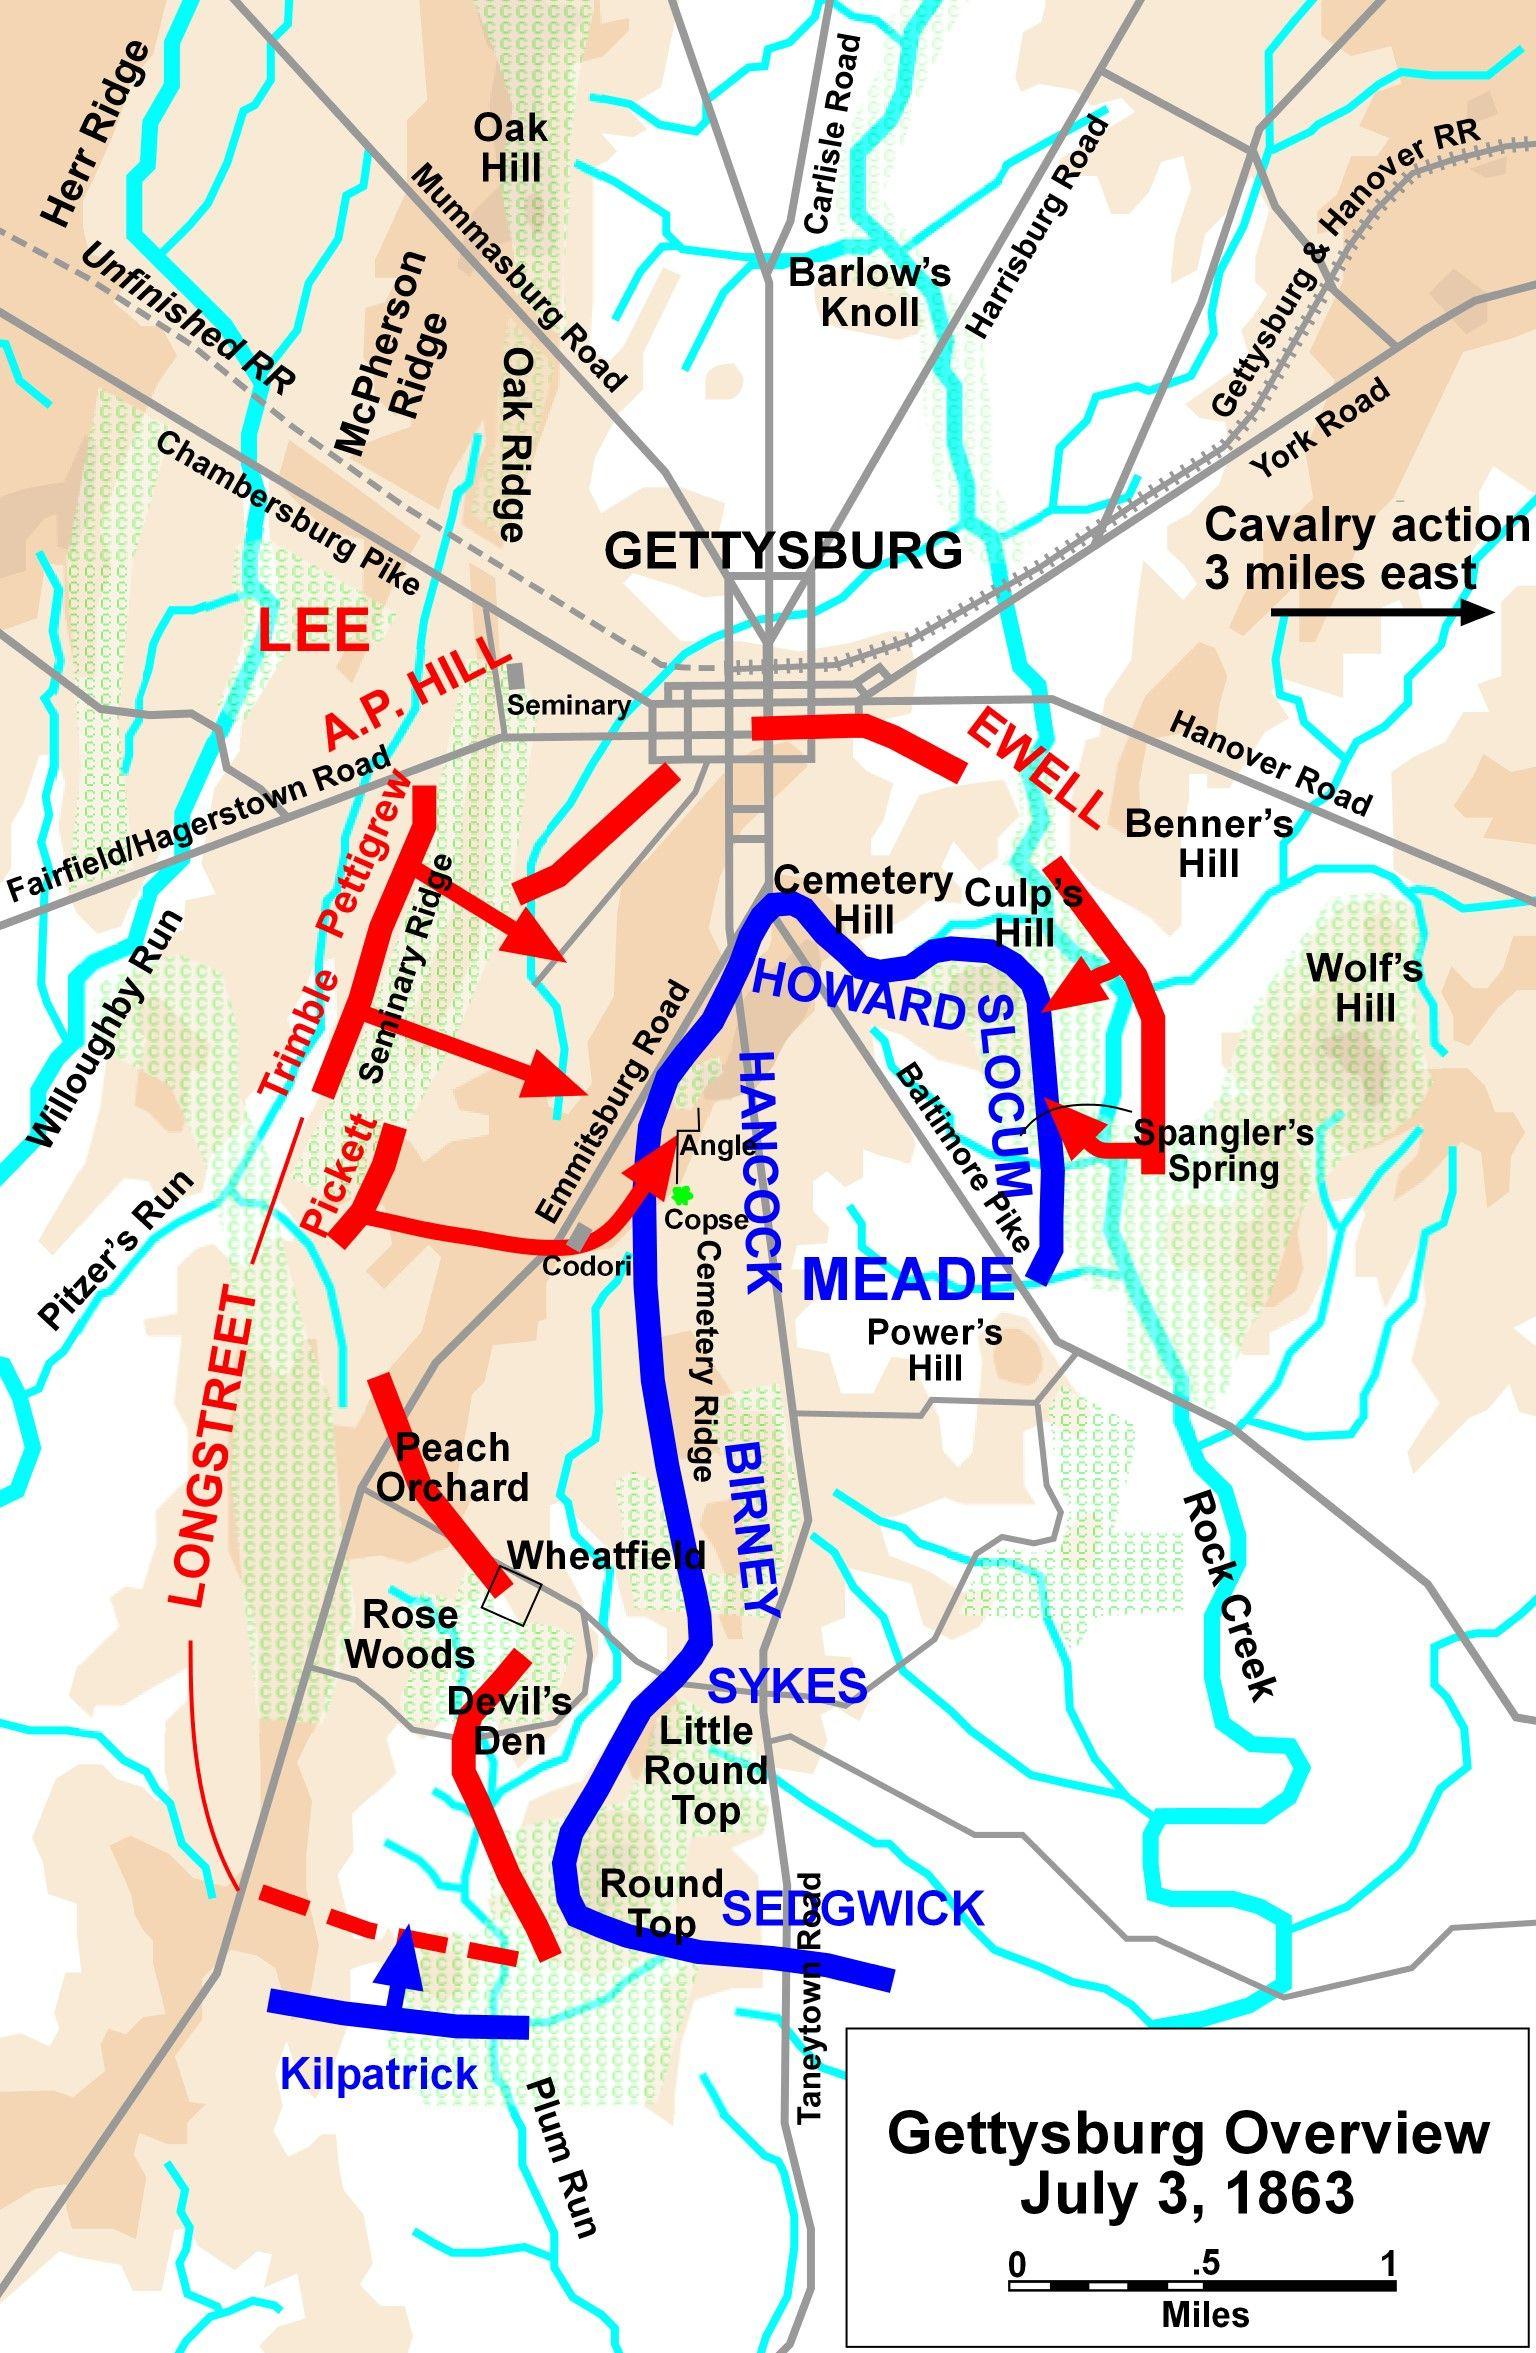 Gettysburg Battle Map Gettysburg The Iron Brigade - Battle of gettysburg us map